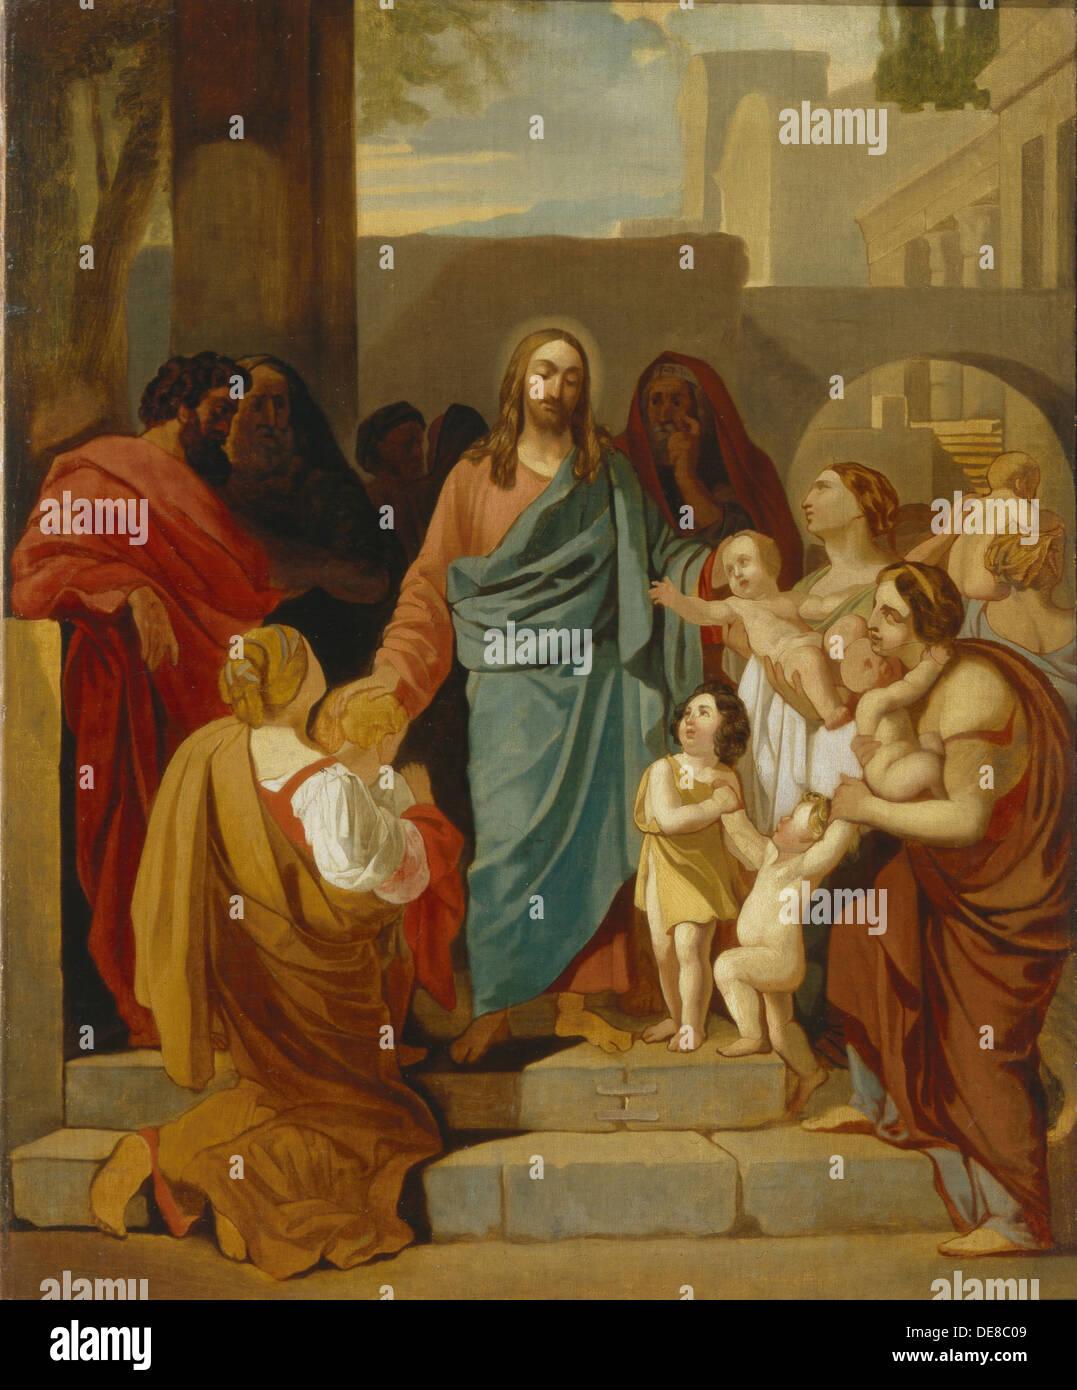 Christ Blessing the Children, 1824. Artist: Briullov, Karl Pavlovich (1799-1852) - Stock Image